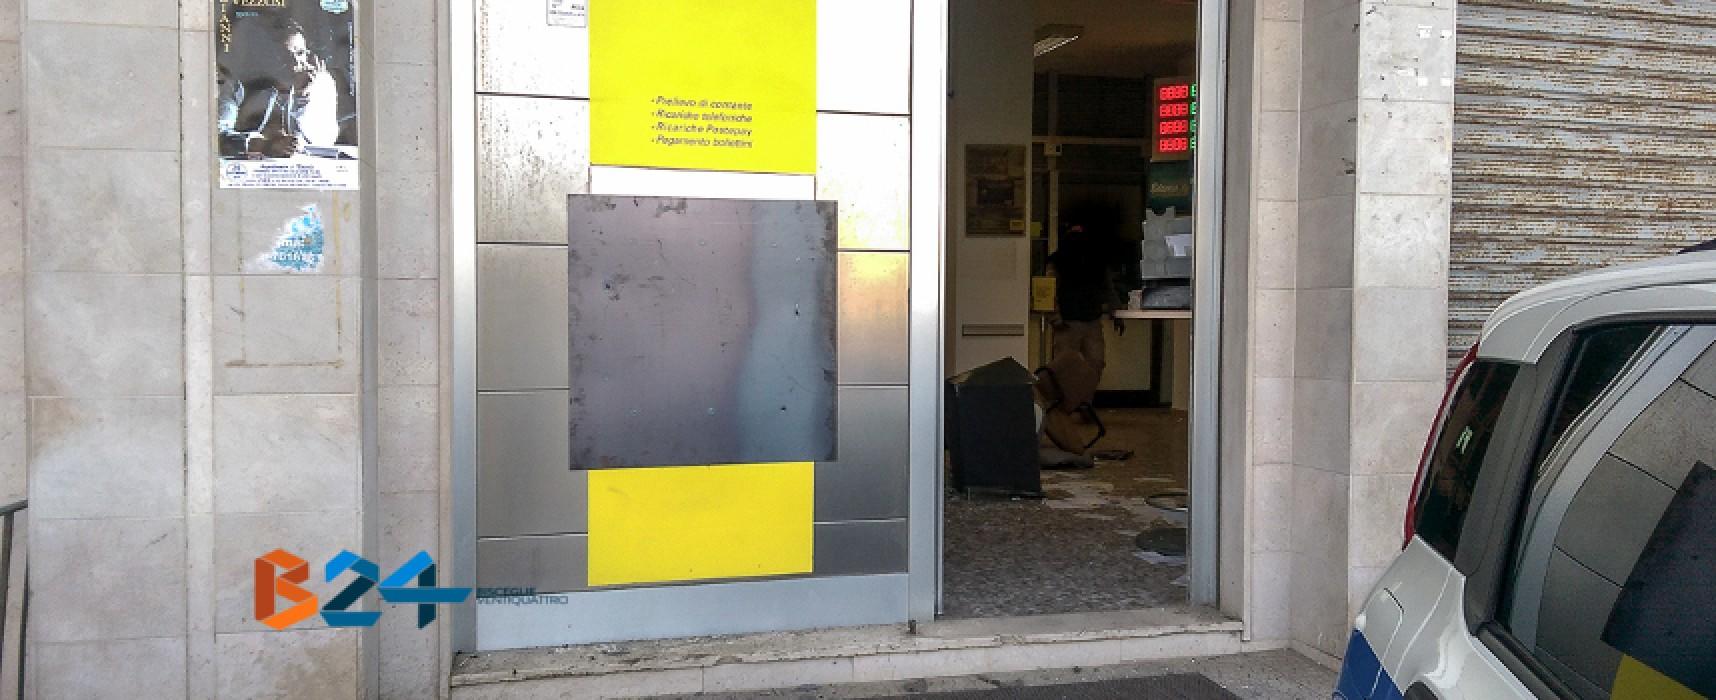 Bomba e furto alla posta di Sant'Andrea: rubati i soldi dello sportello automatico / FOTO